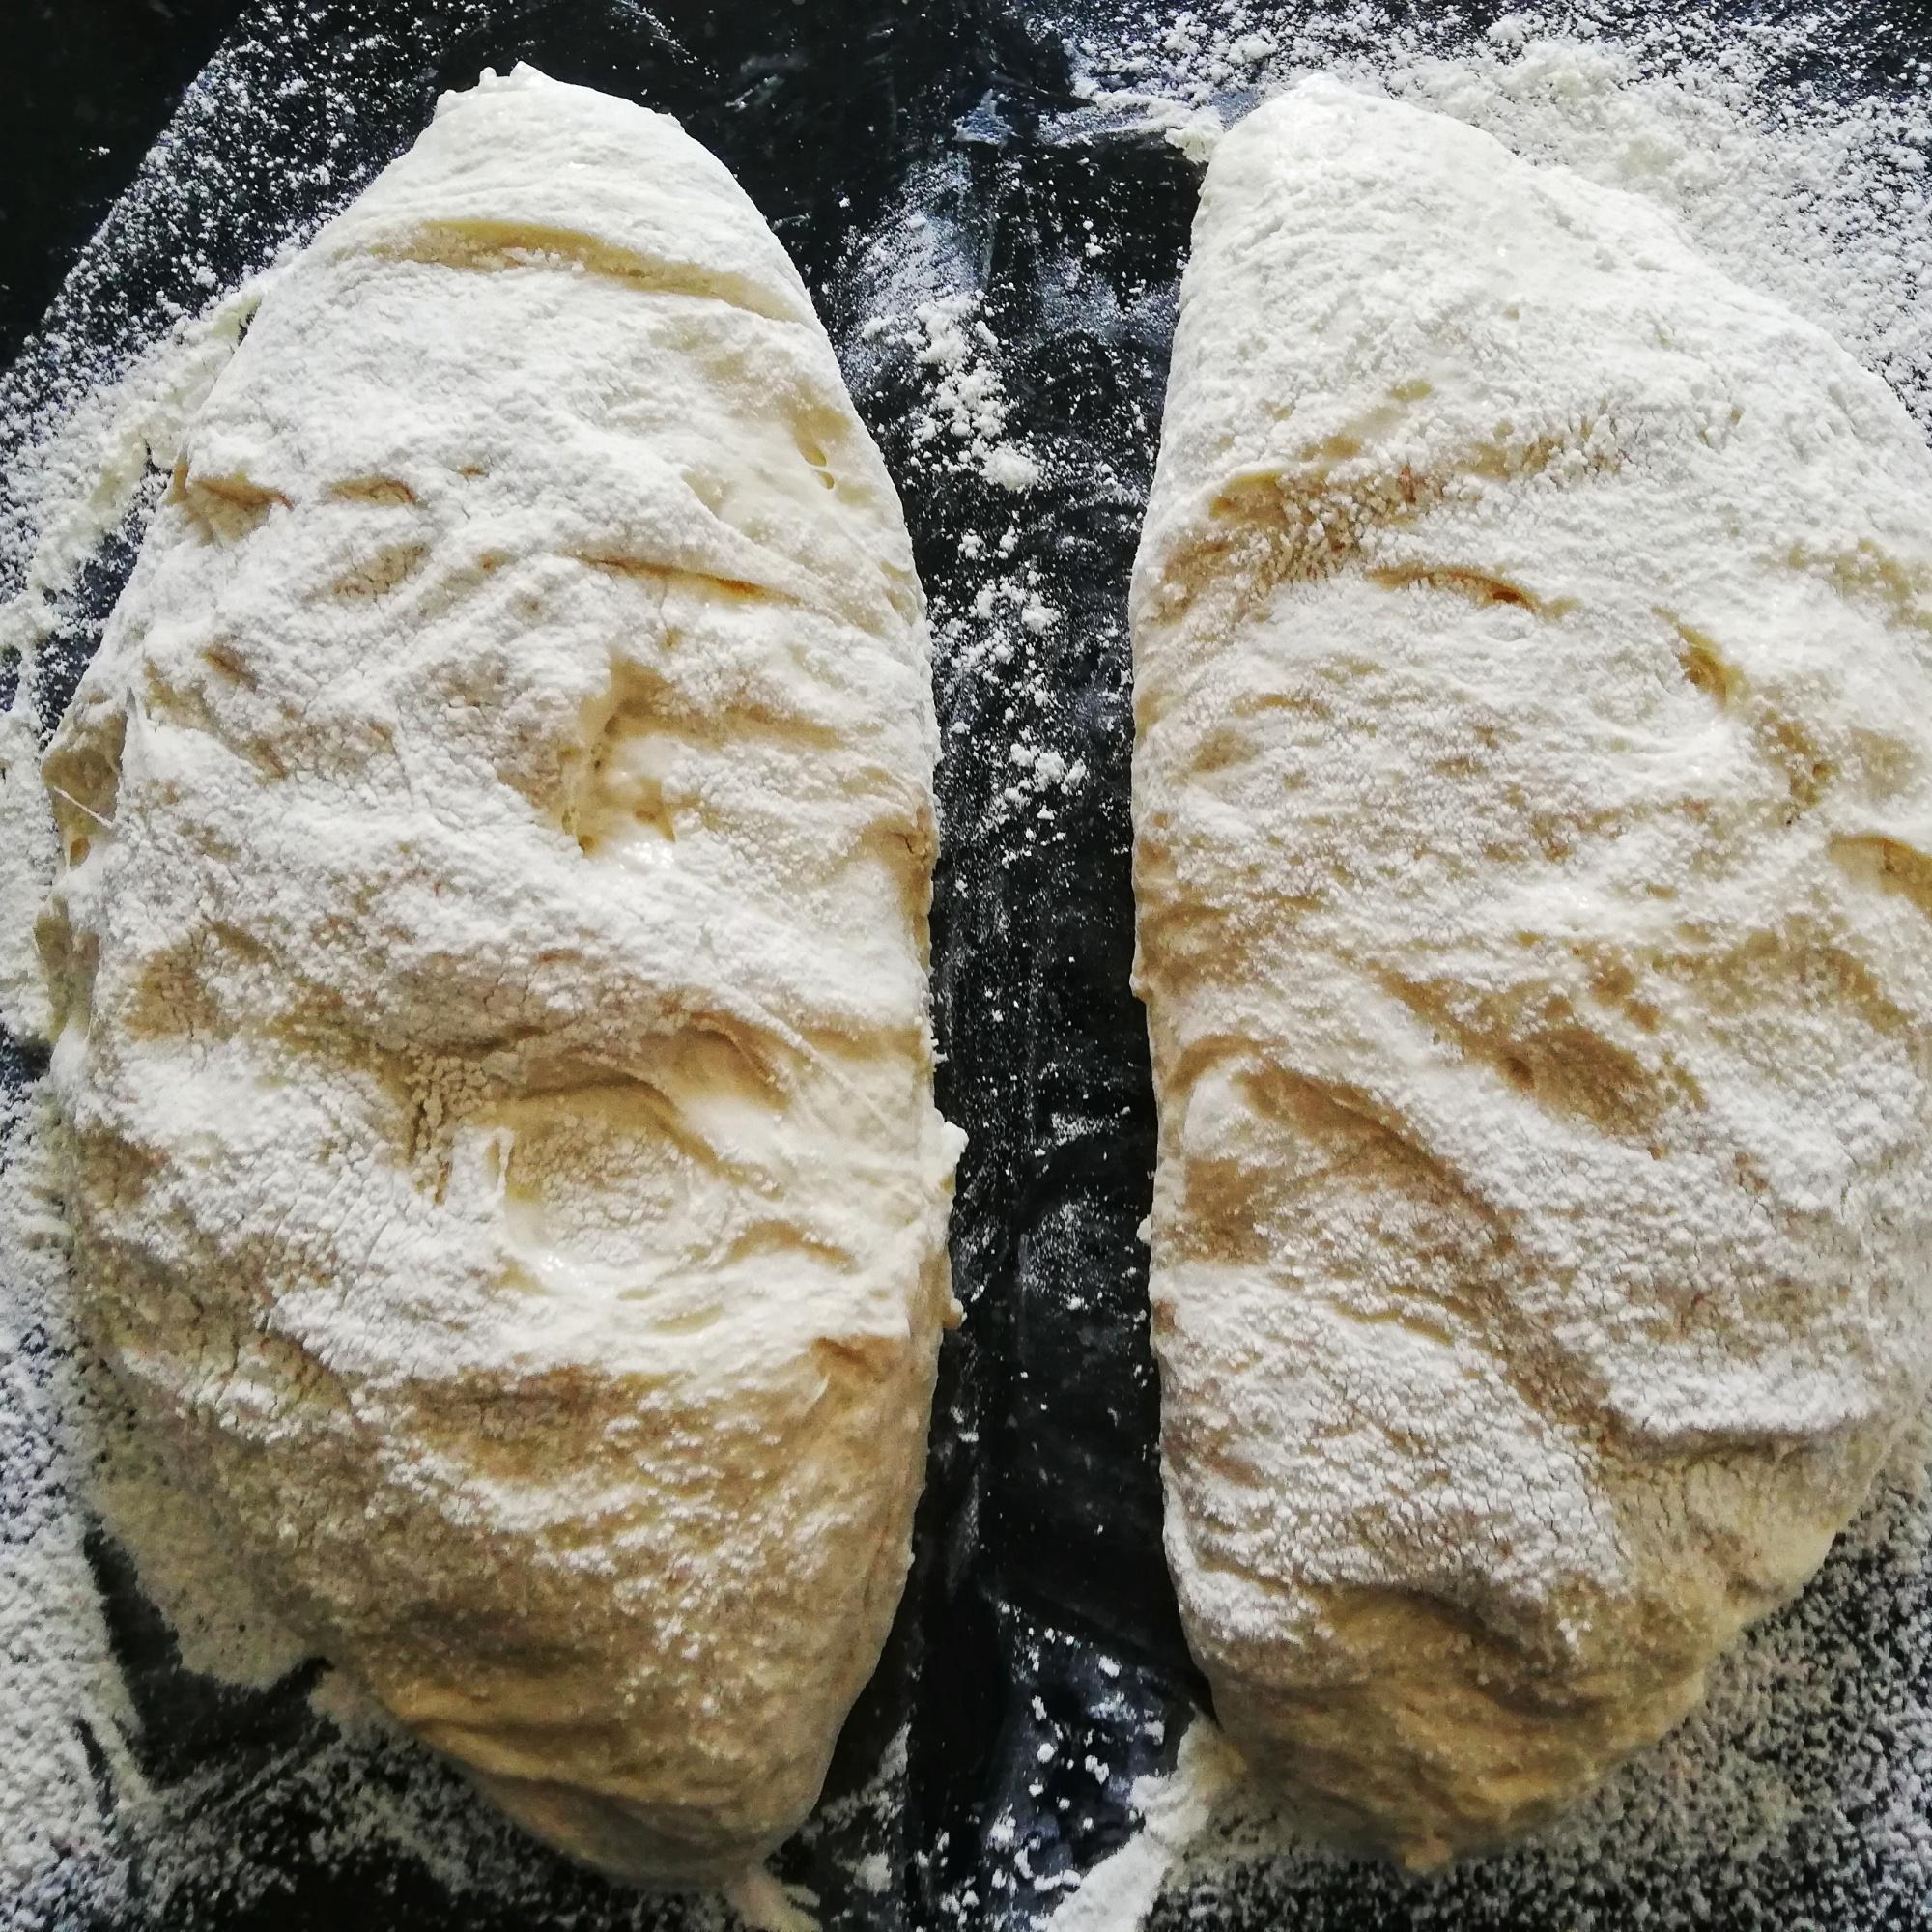 Ciabatta dough split in two